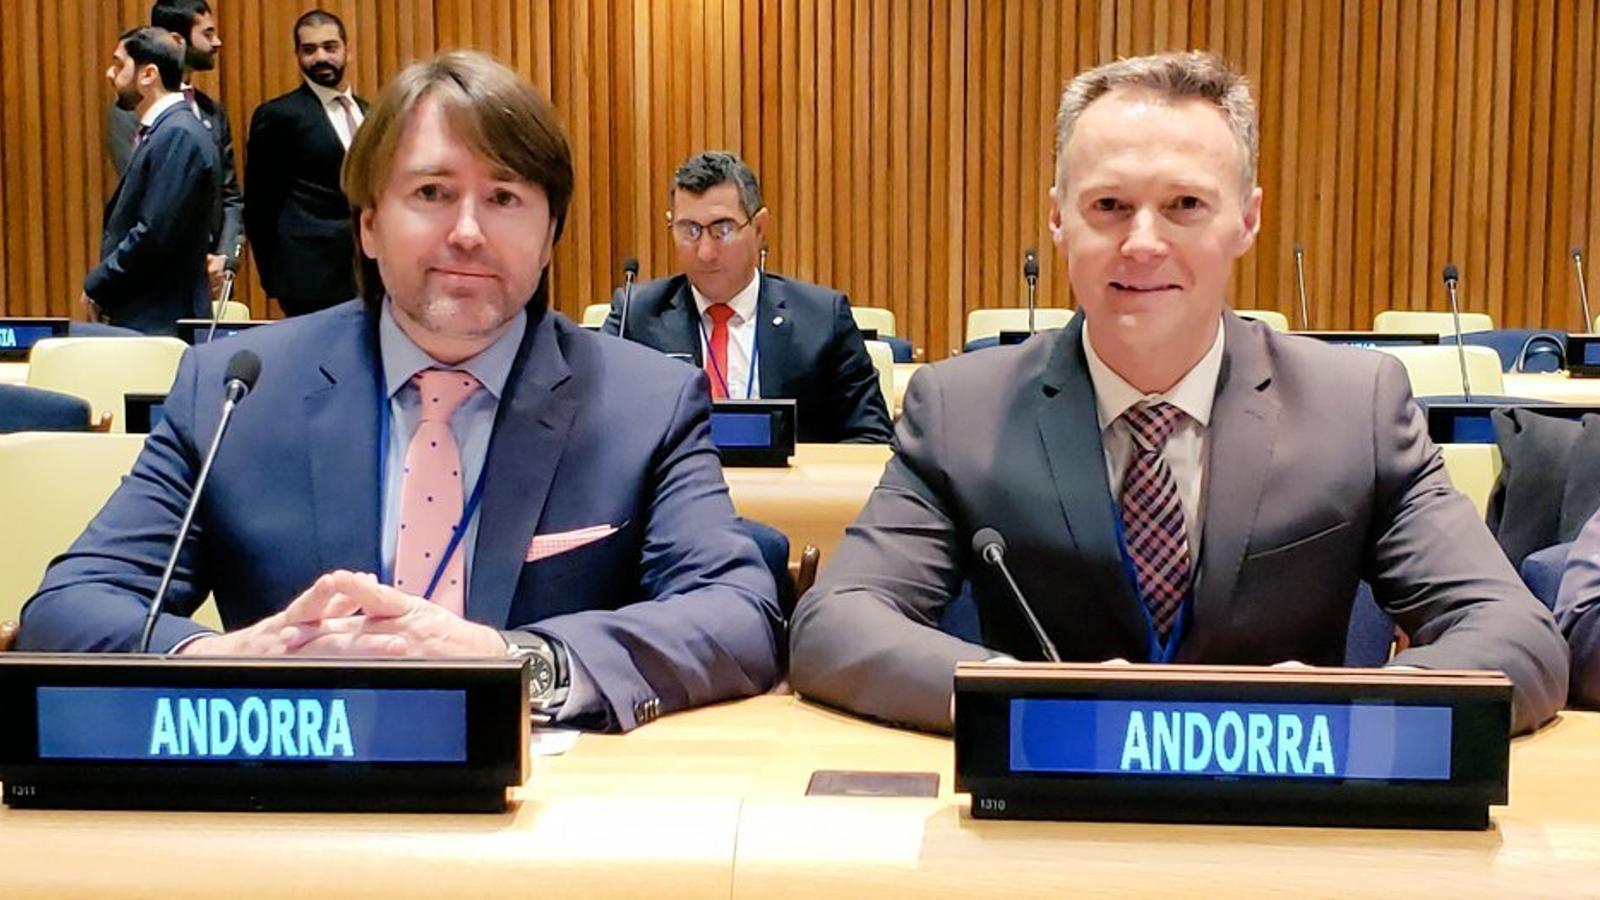 Carles Naudi i Ferran Costa, a la seu de Nacions Unides a Nova York. / LIBERALS ANDORRA